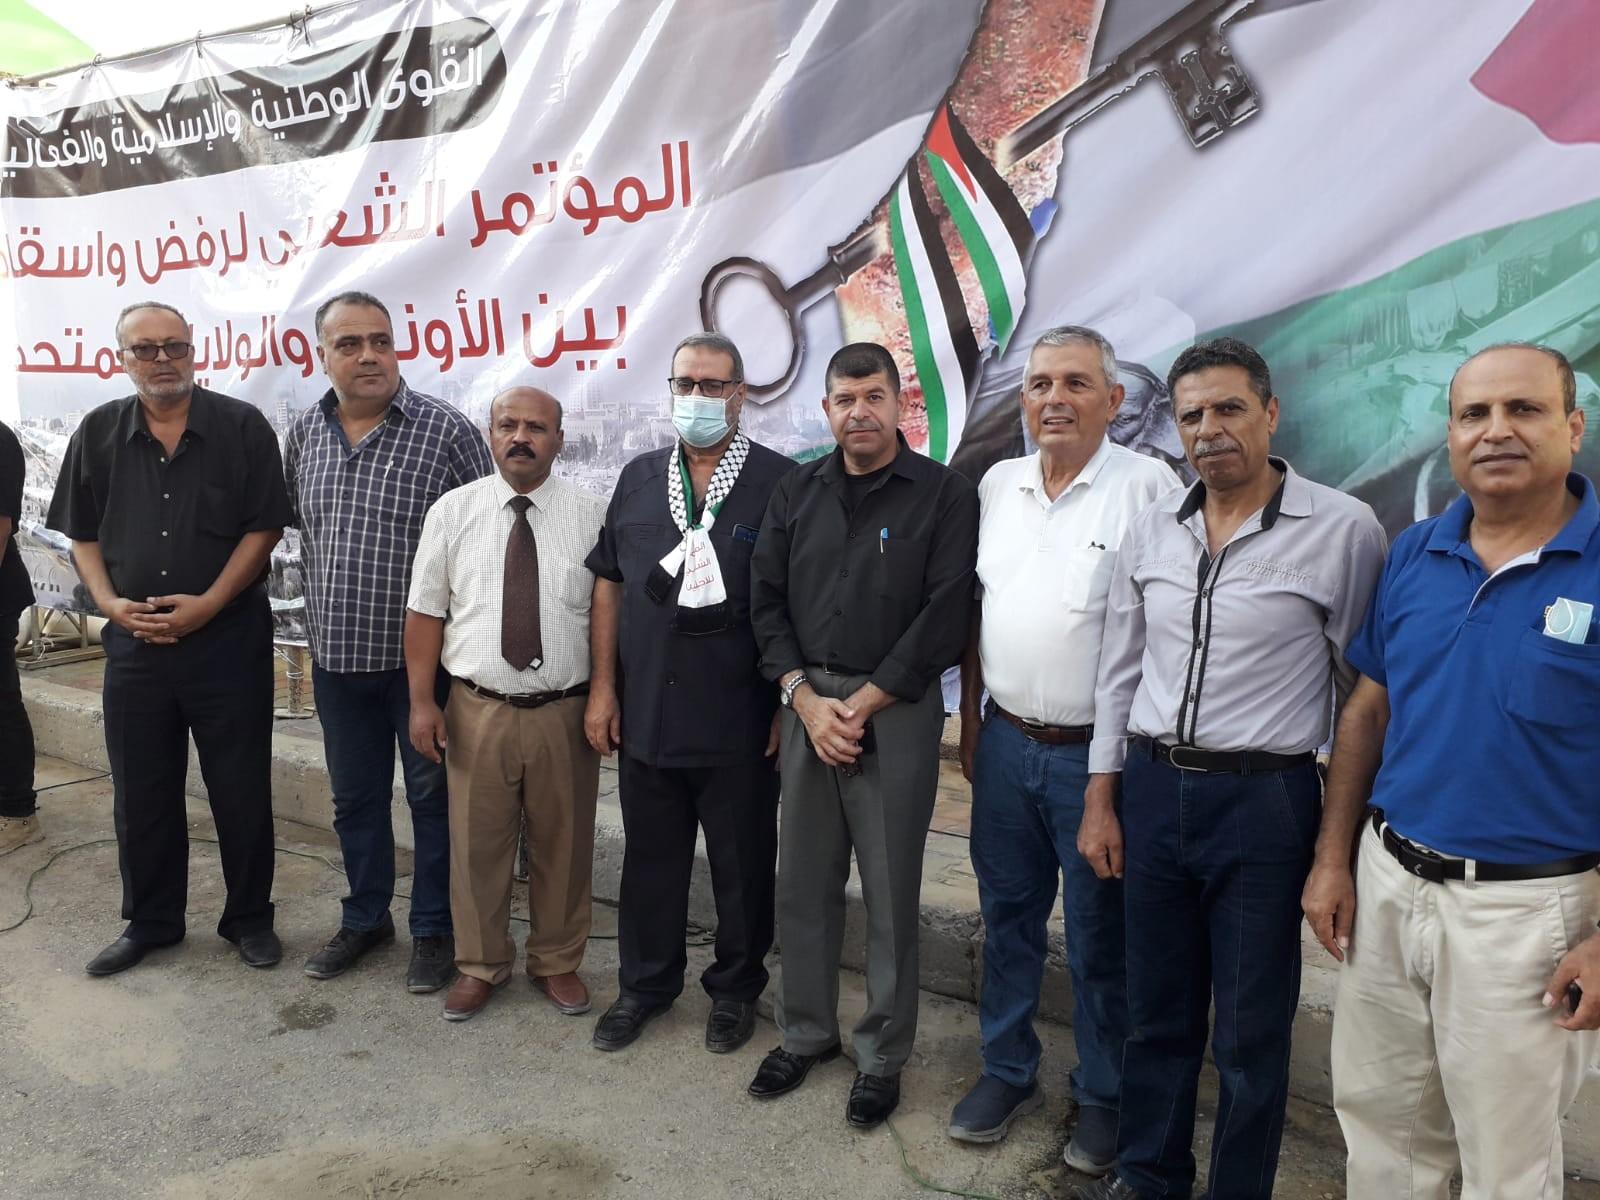 لتجمع  الفلسطيني  للوطن و الشتات  يشارك في المؤتمر  الشعبي رفضا لإتفاق الإطار بين  الأونروا و الخارجية الأمريكية